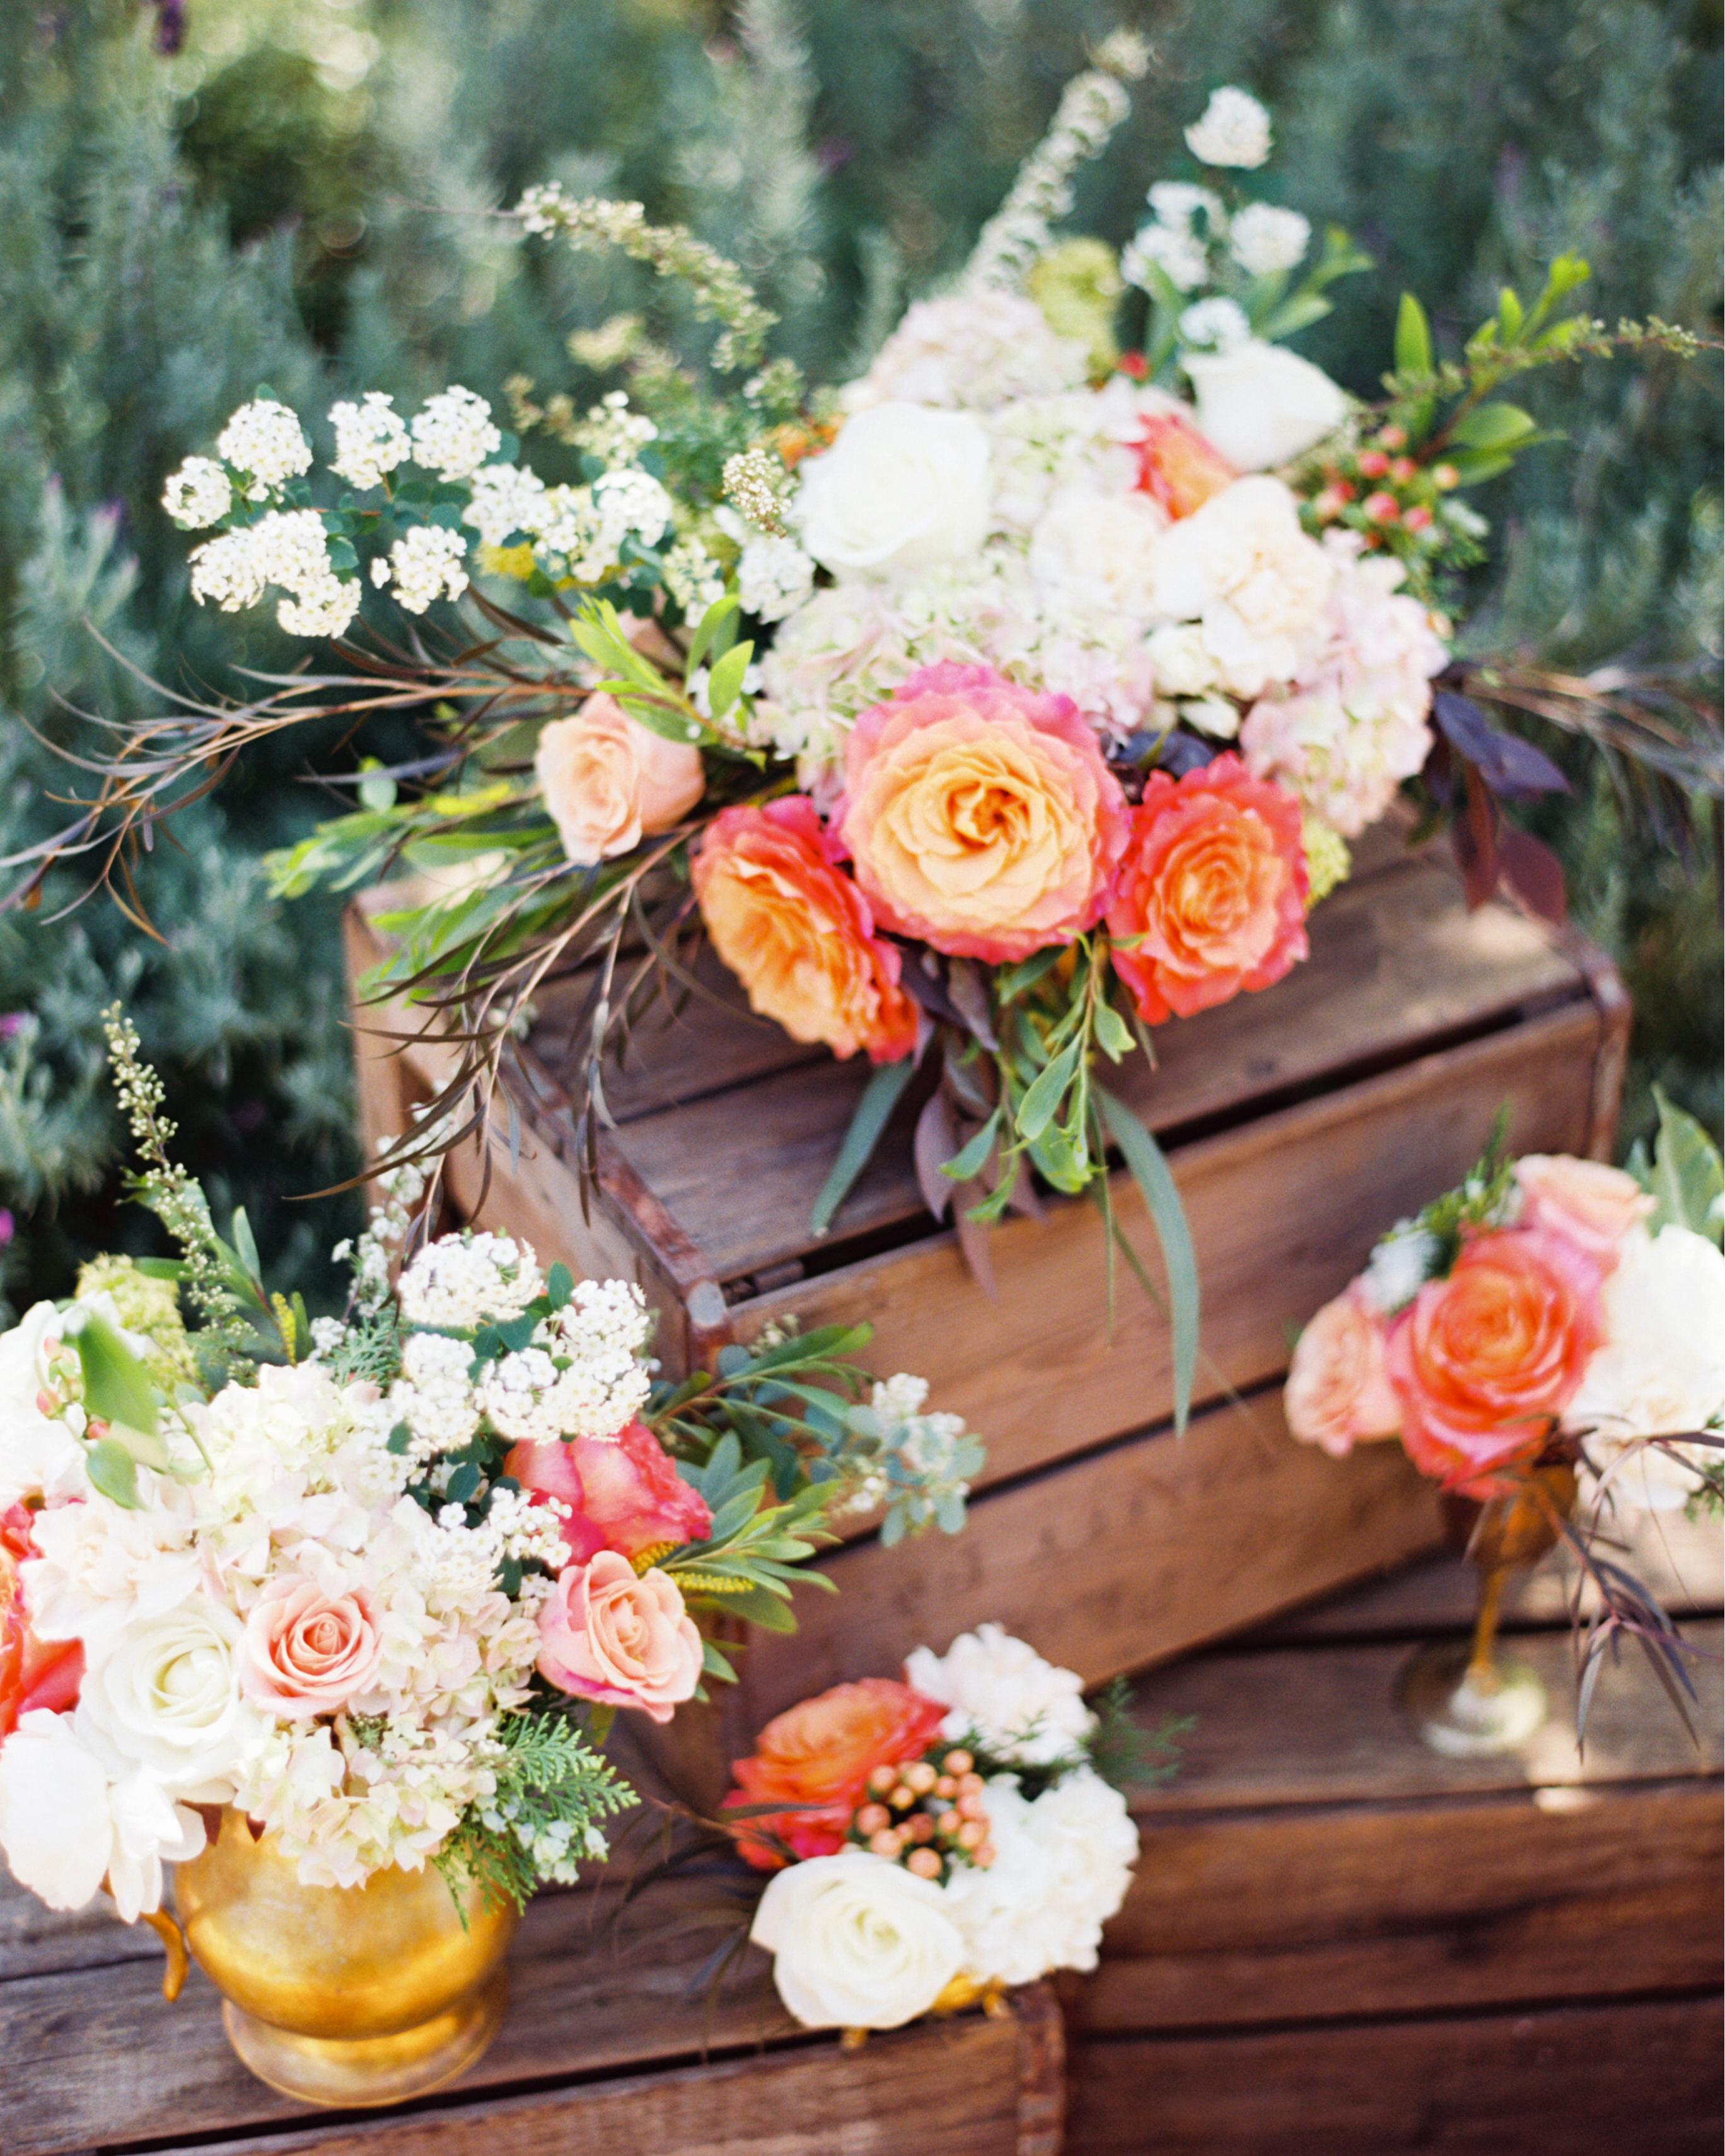 olga-david-wedding-flowers1-0314.jpg